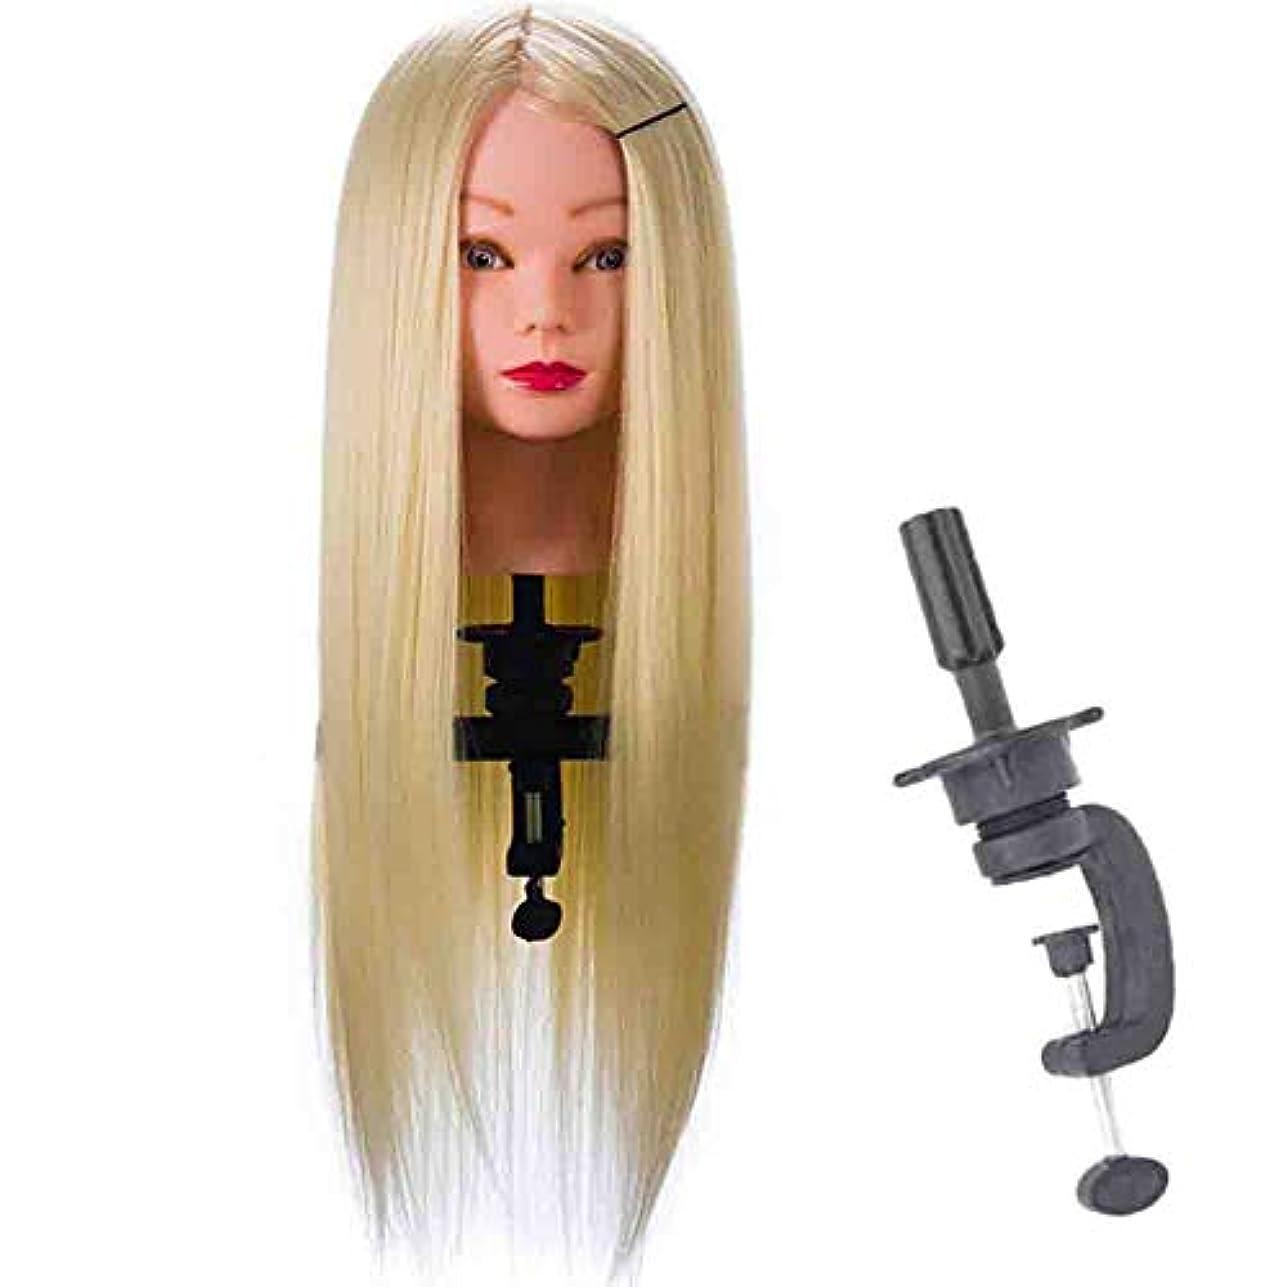 そっとエンドウクランプシミュレーションウィッグヘッドダイドールヘッドモデルエクササイズディスクヘアブレードヘアメイクスタイリングヘアサロンダミーマネキンヘッド